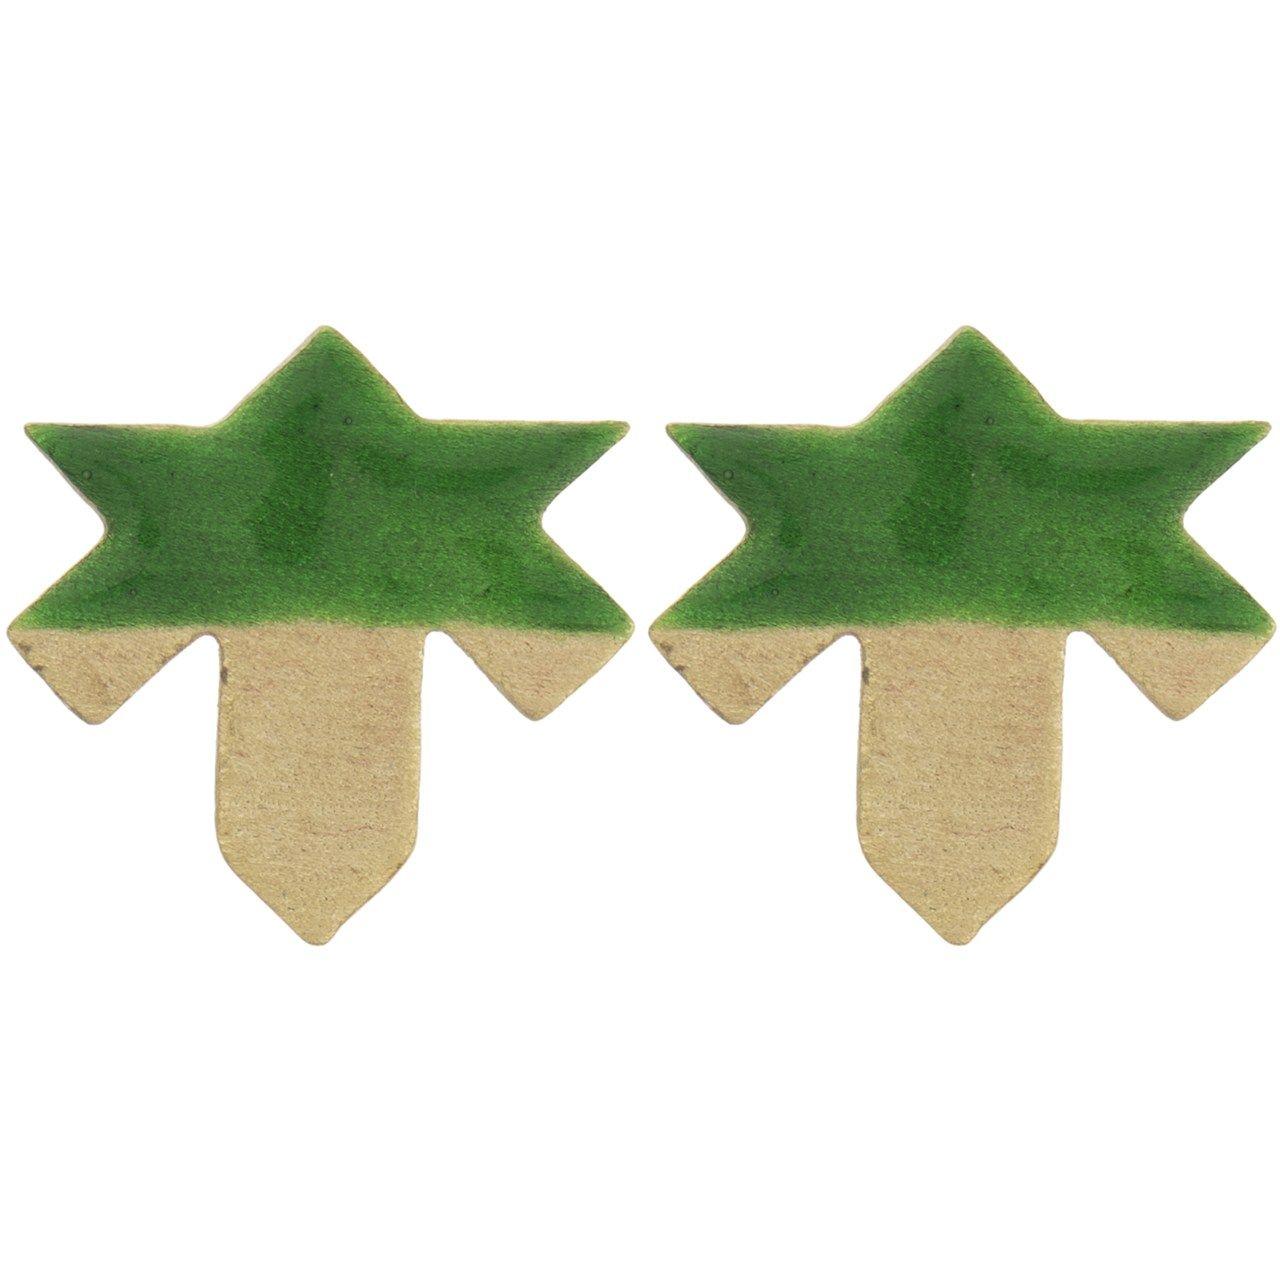 گوشواره فی بی طرح برگ چنار -  - 2